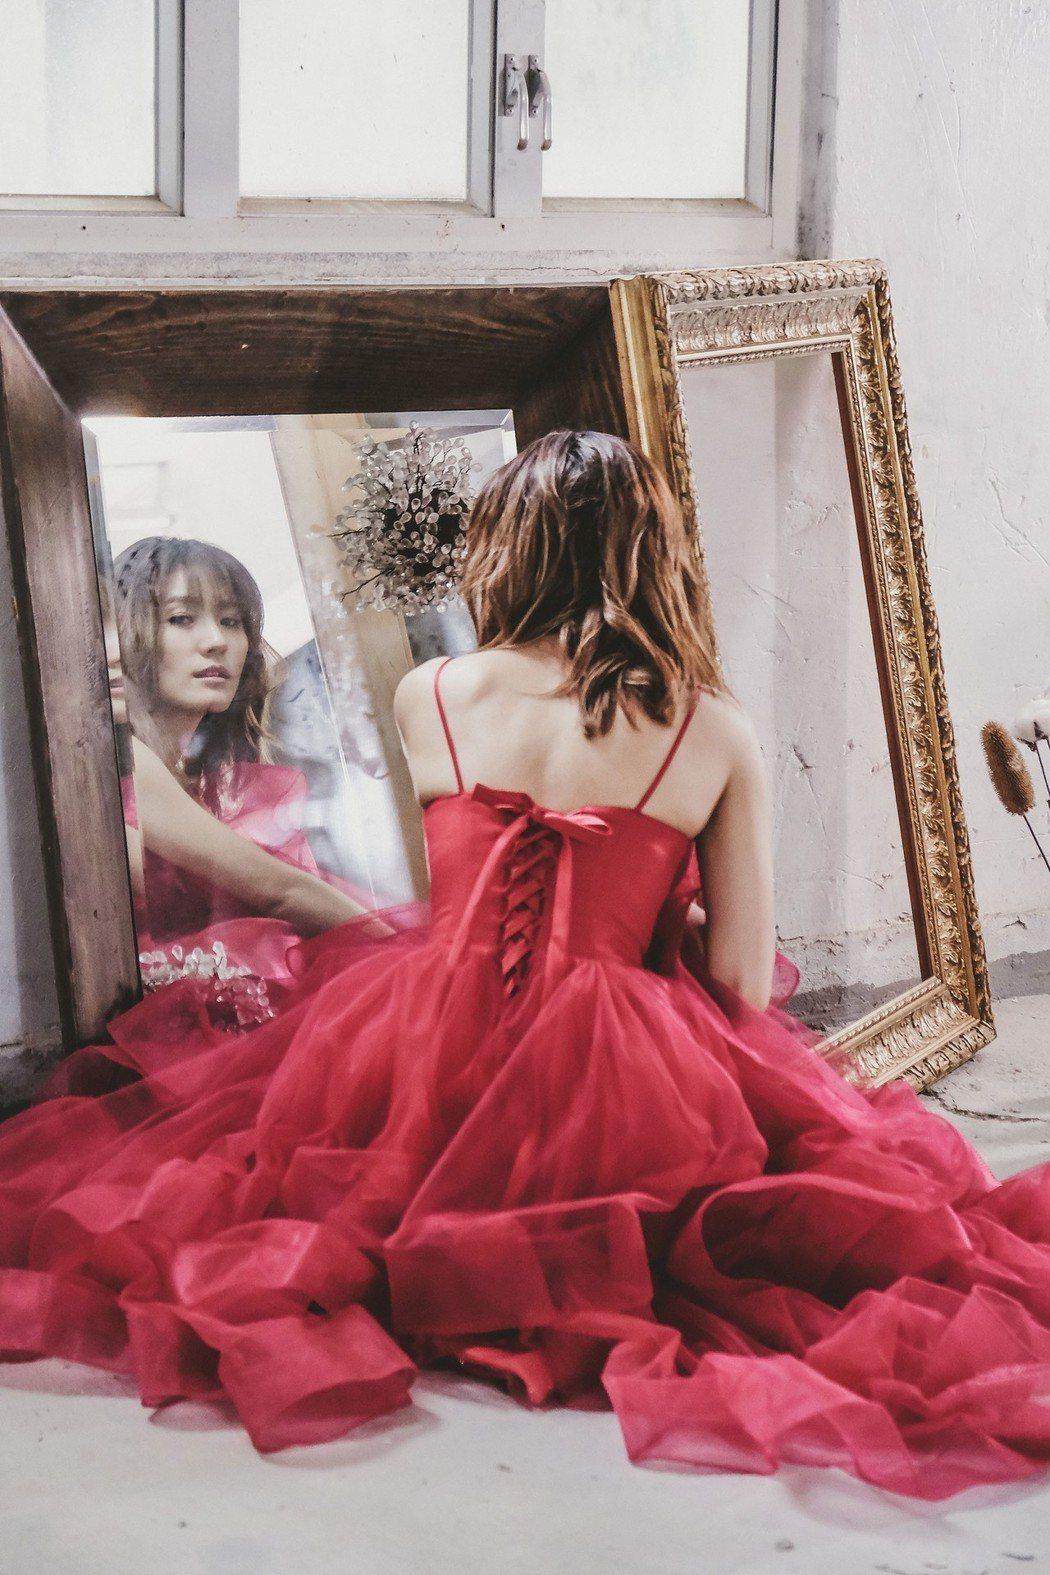 曾詠熙推出新歌「對愛說」。圖/曾詠熙提供